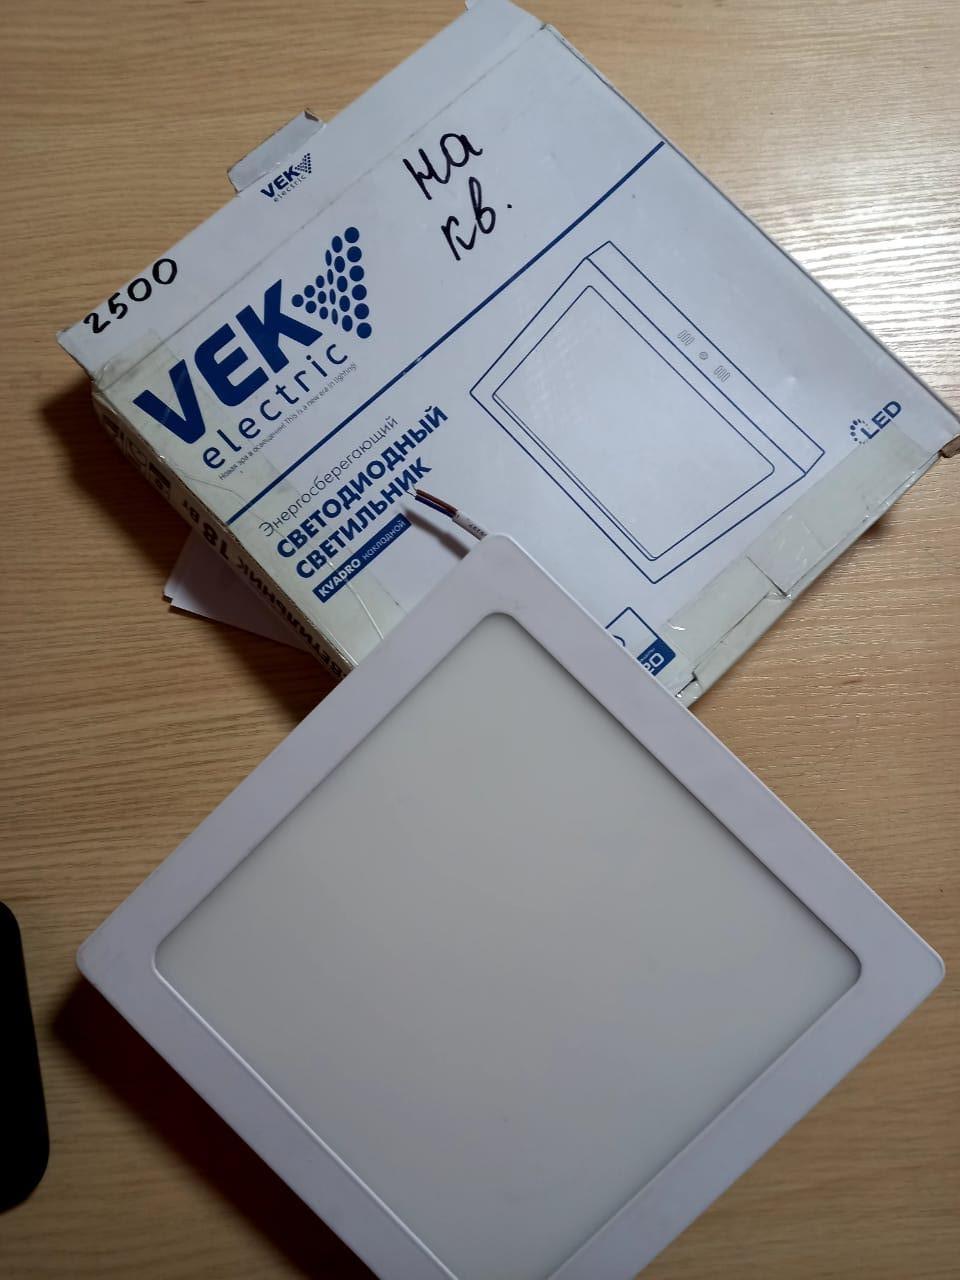 Панель светодиодная внешняя квадратная 18 W/ VEK electric